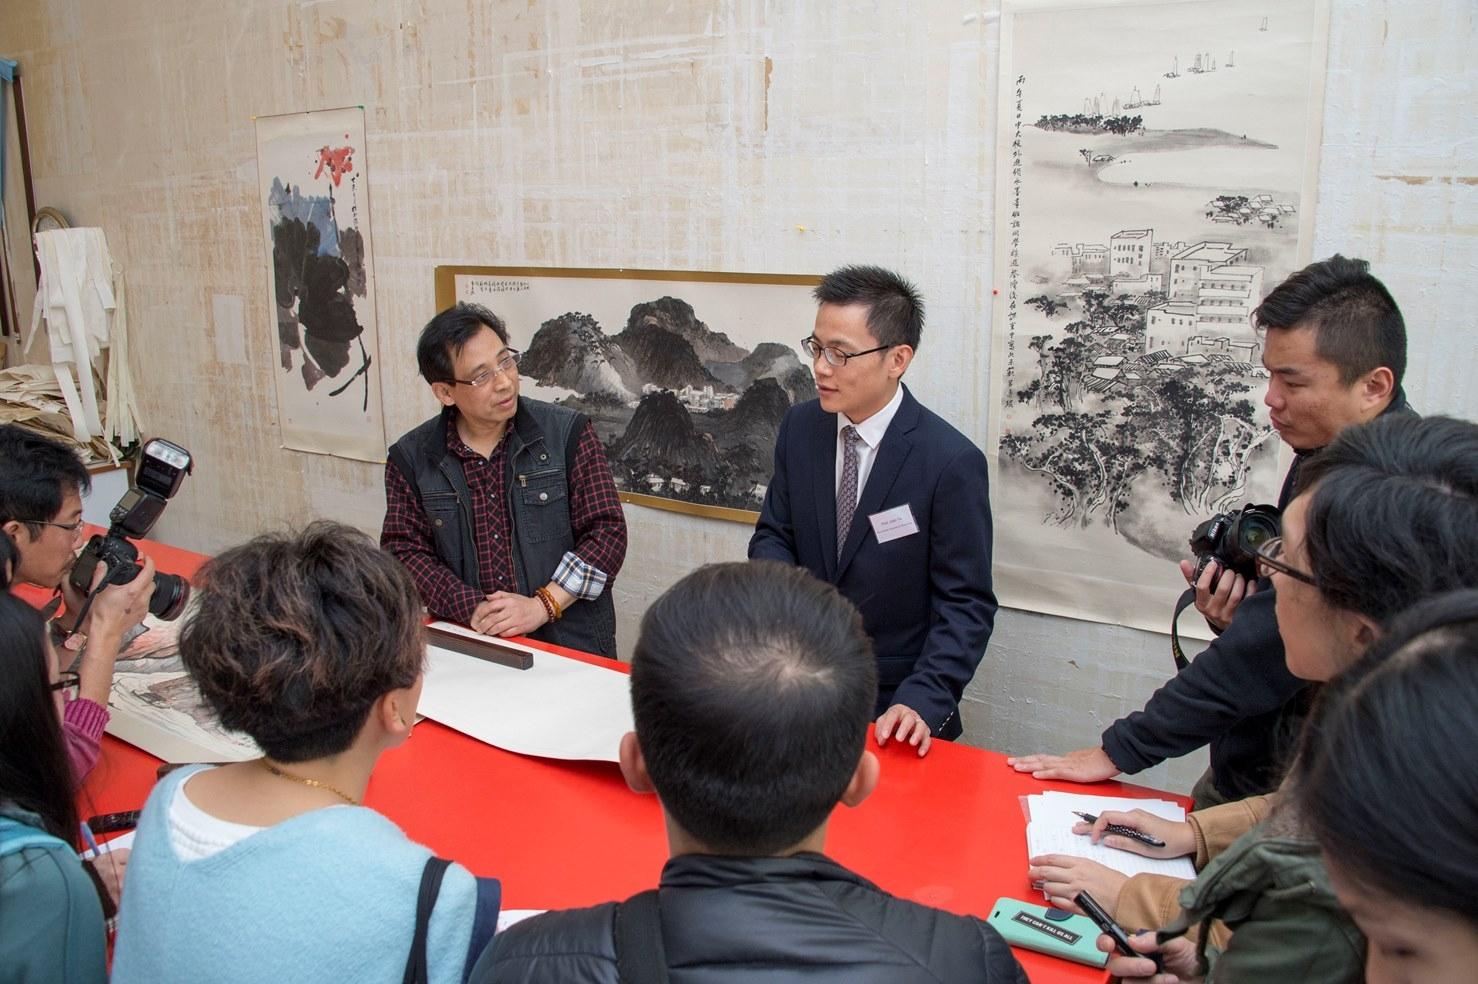 中大文物館副館長姚進莊教授與文物館高級工藝美術師謝光寒先生向記者展示呂壽琨作品。